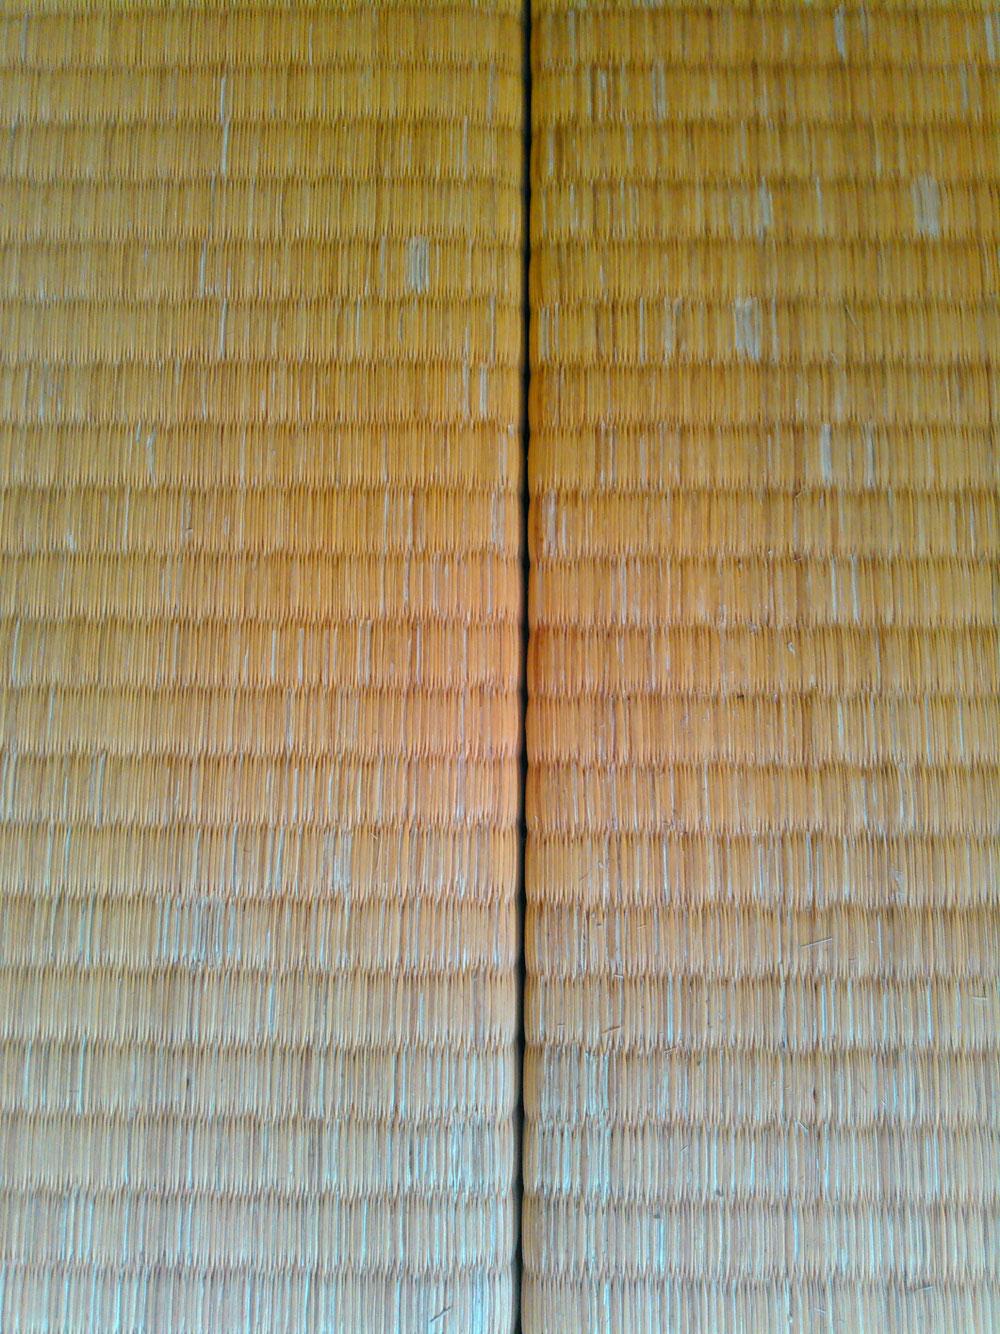 施工前の畳です。畳の丈がかなり空いてます。